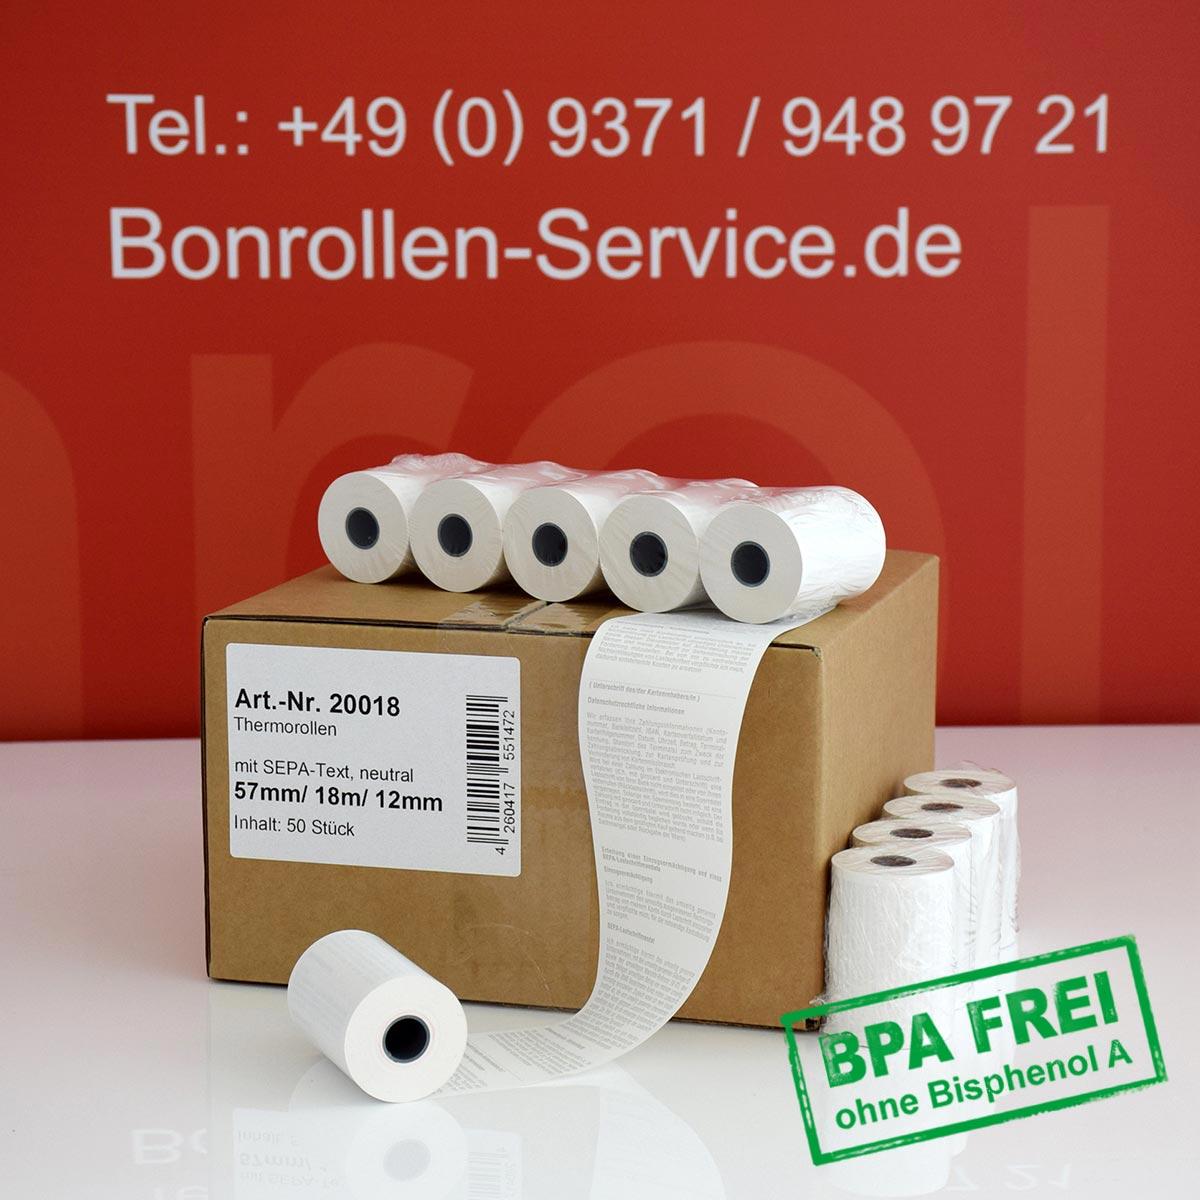 EC-Thermorollen ohne BPA 57 / 18m / 12 weiß, mit SEPA-Text